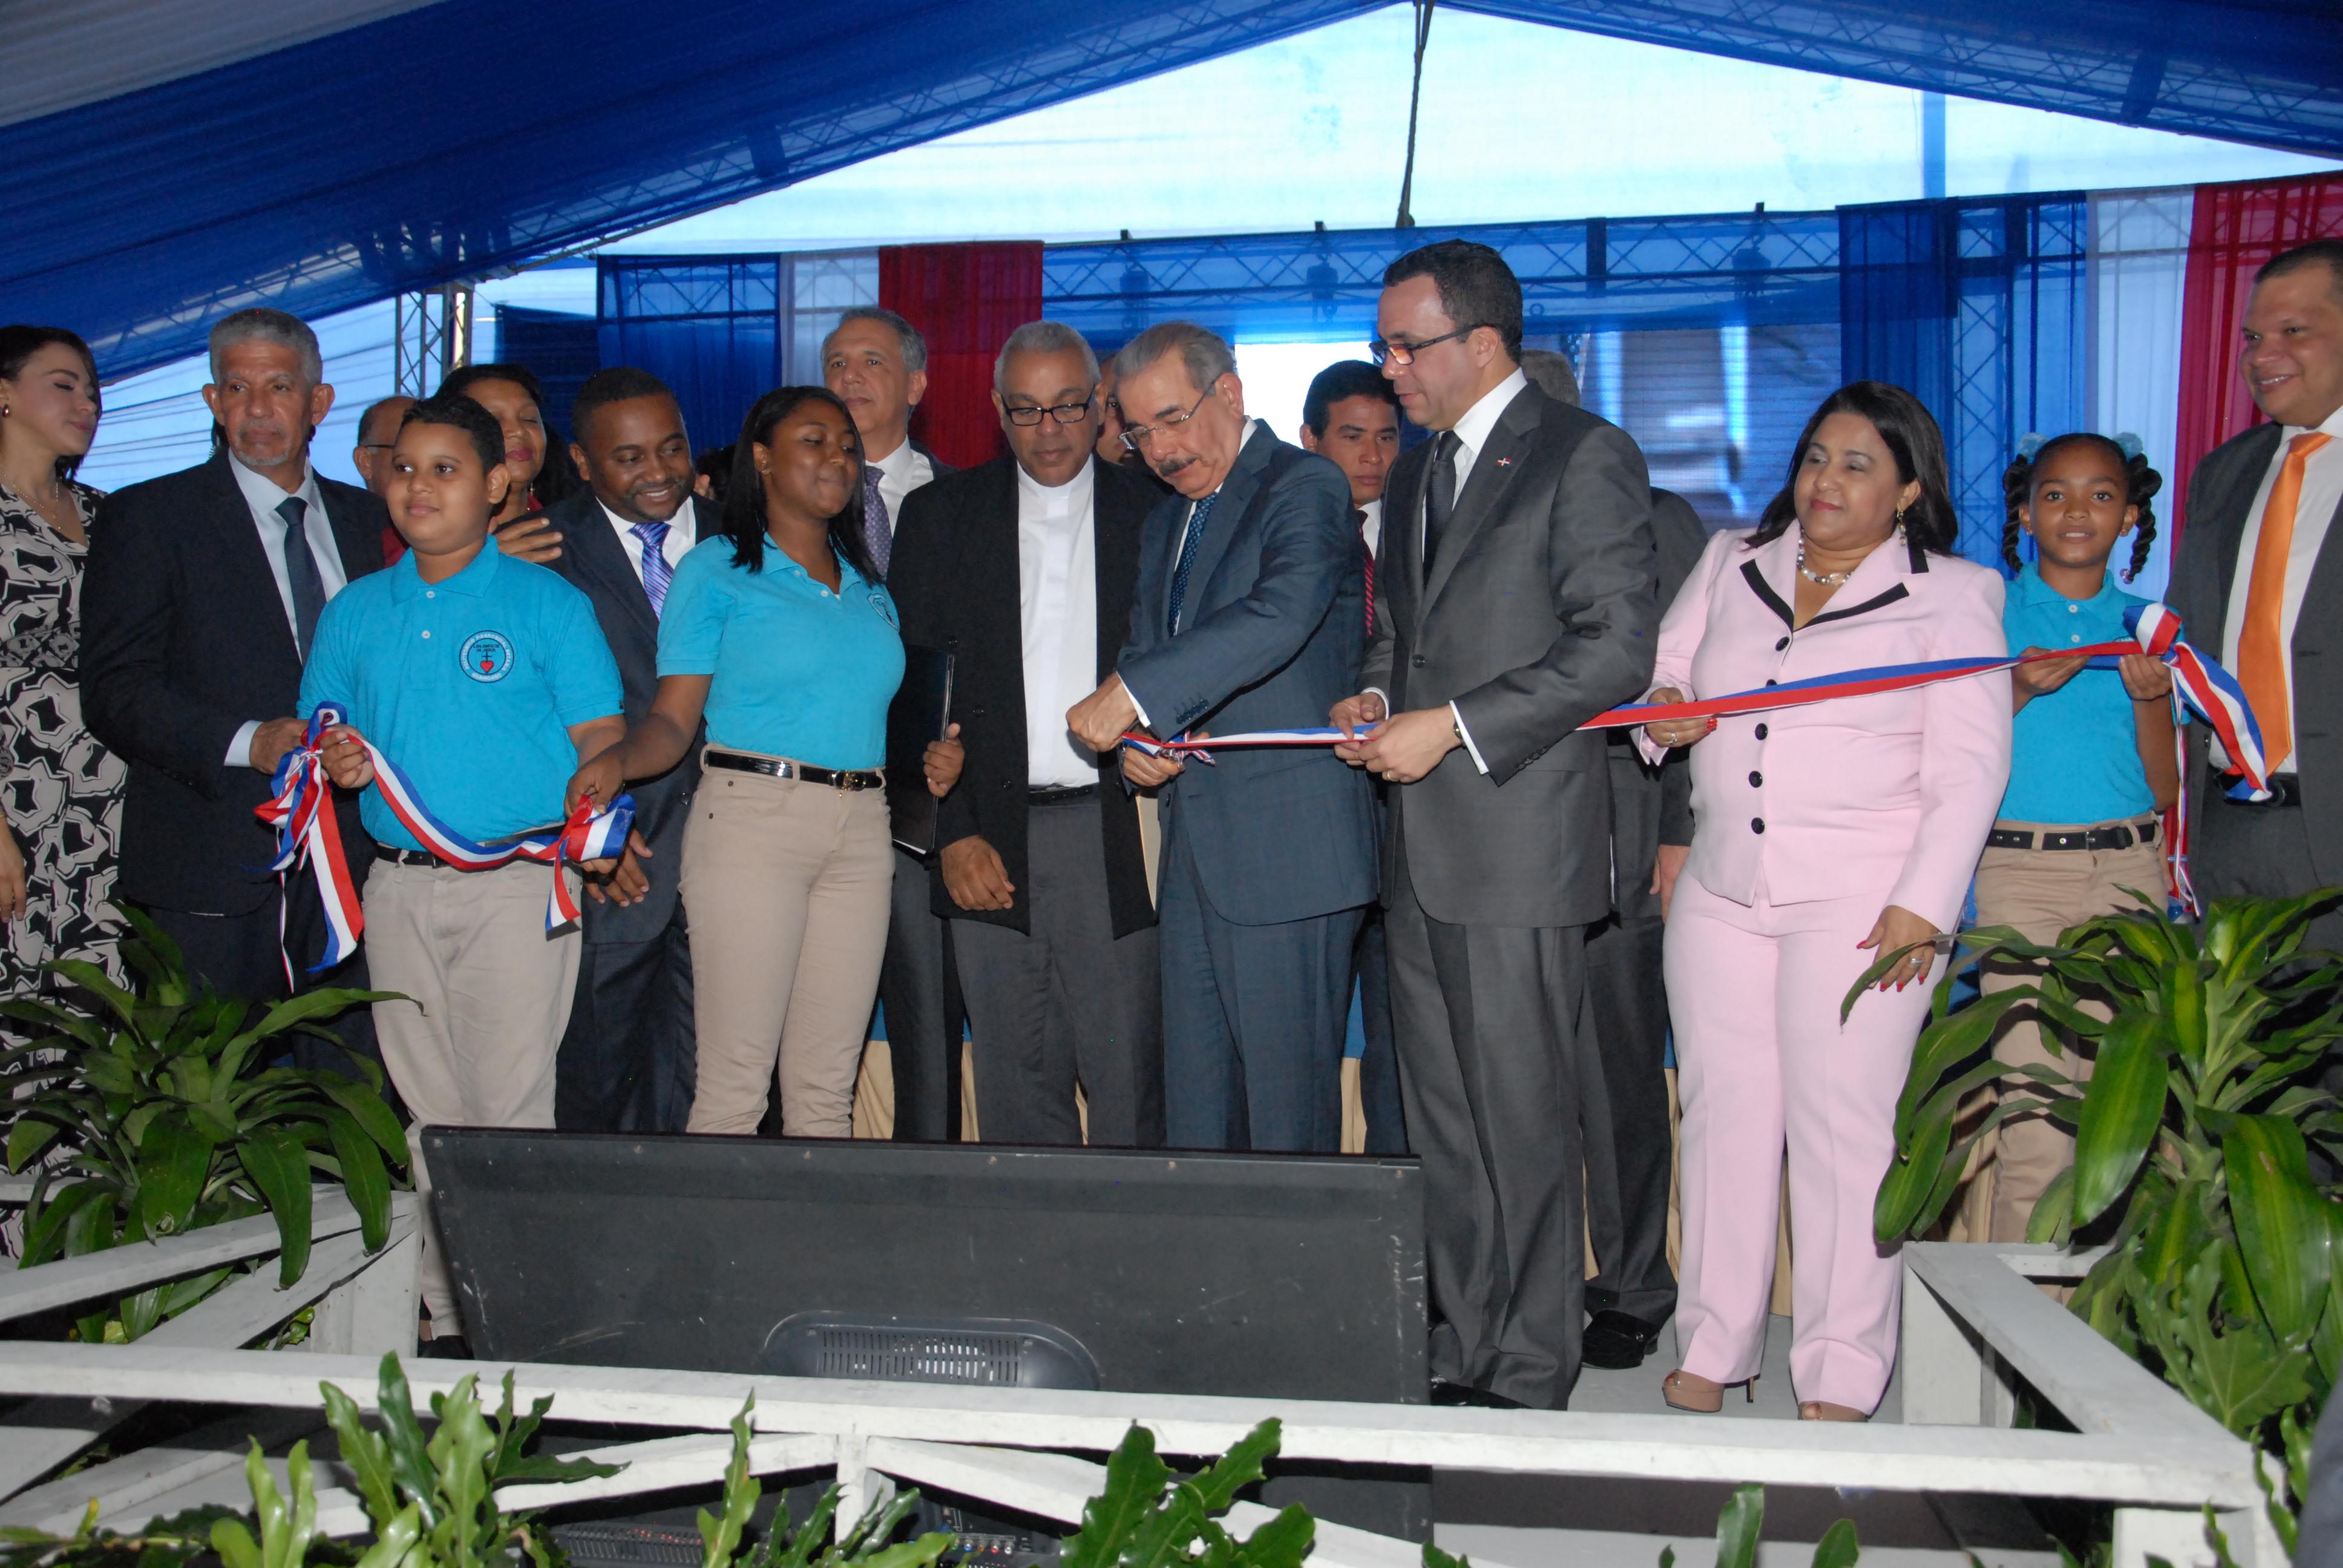 Presidente entrega politécnico en Los Guaricanos